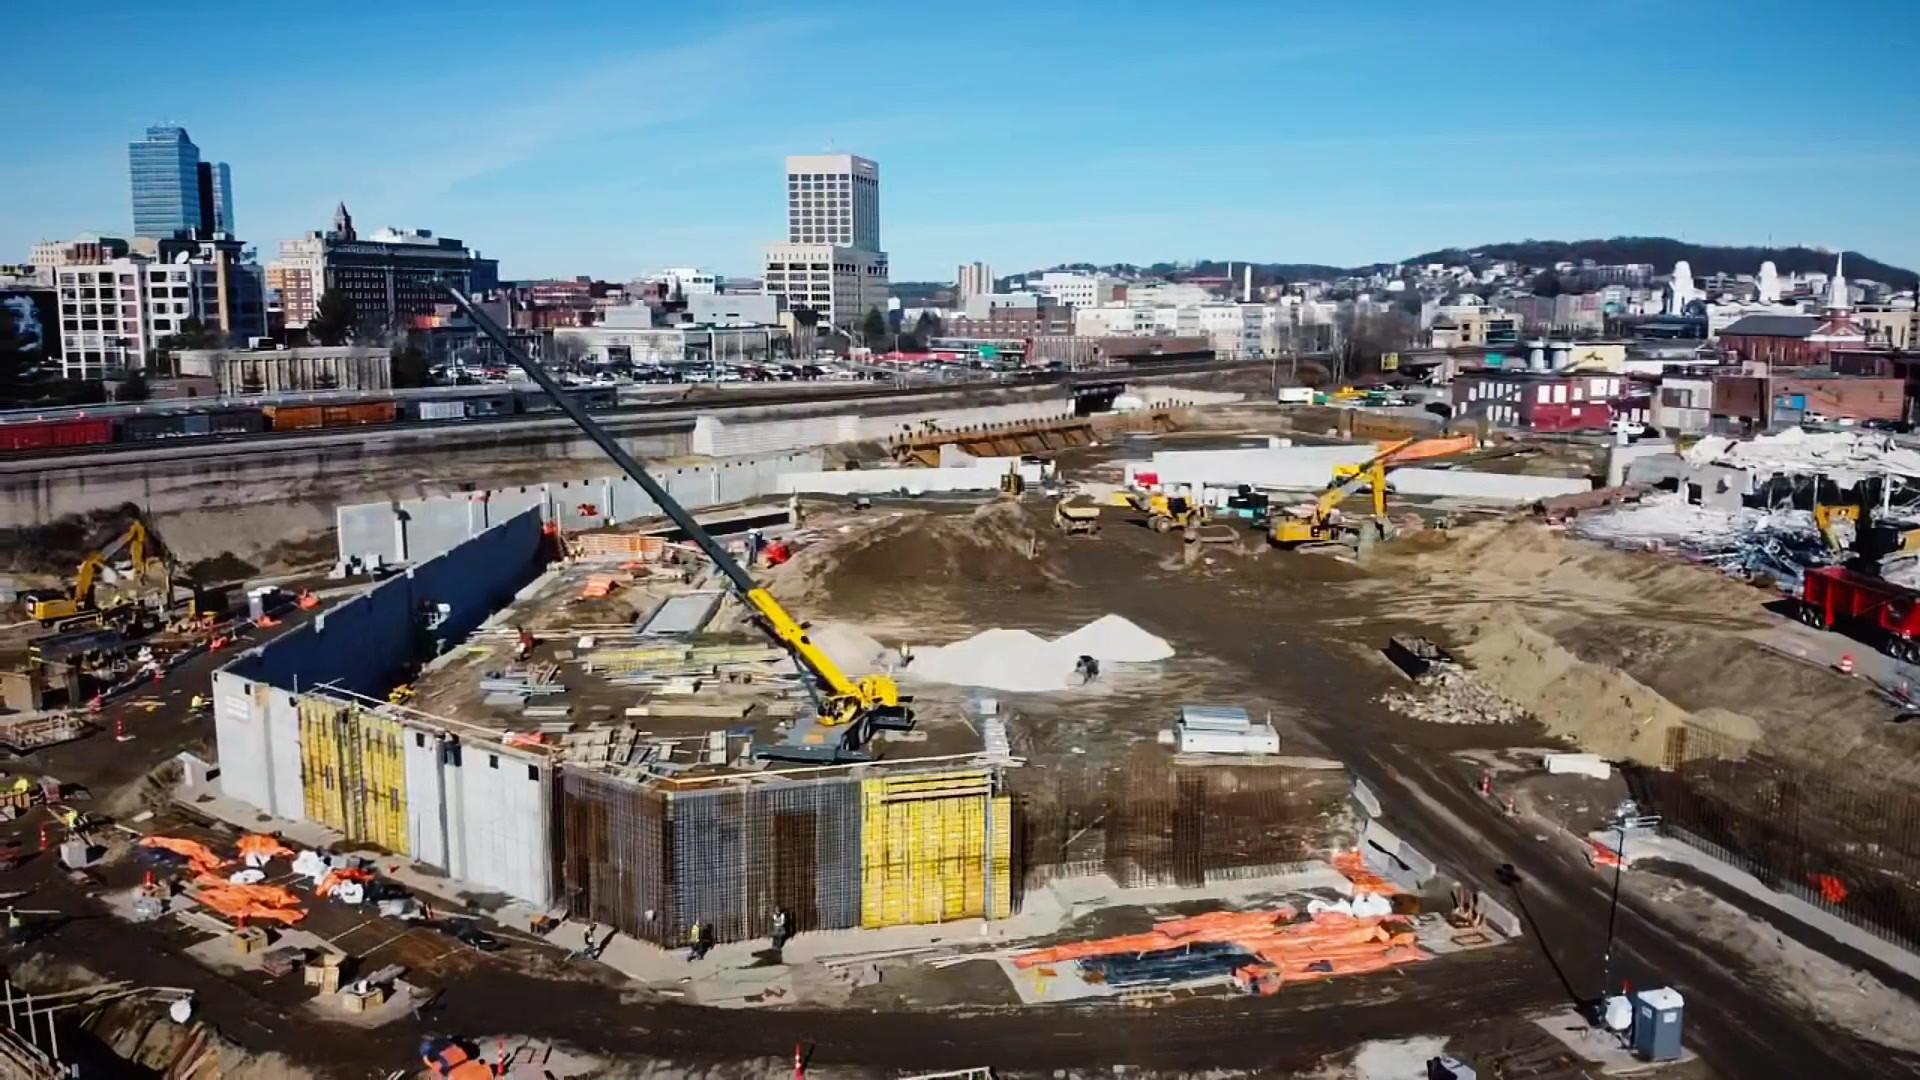 Polar Park Construction - Spring 2020